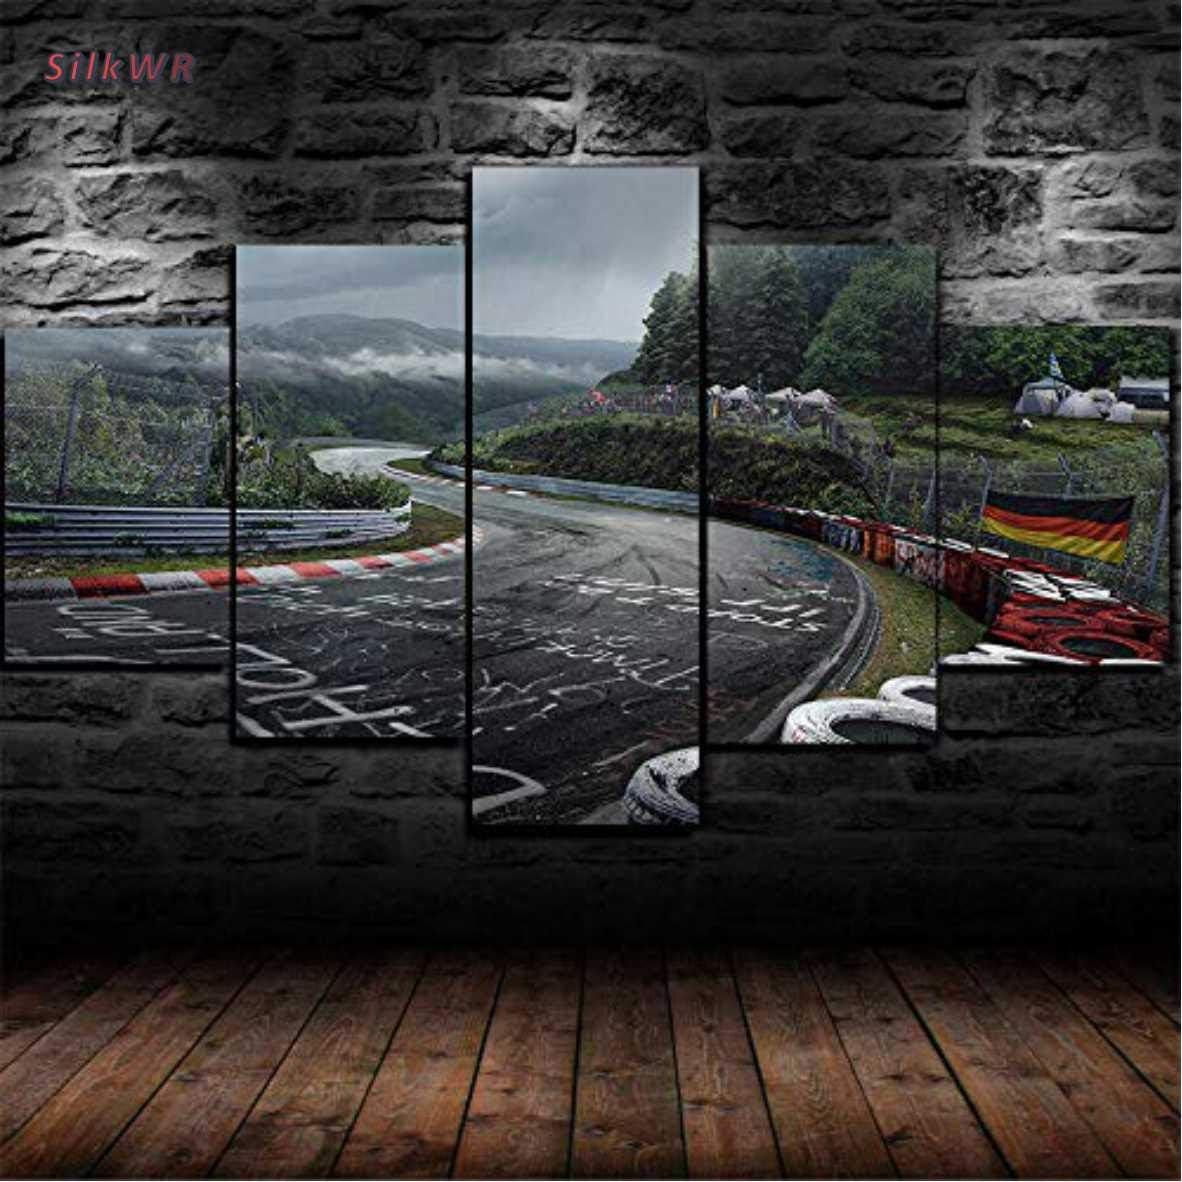 SilkWR-Impresiones sobre Lienzo,Modular Mural Pegatinas P/óster,5 Piezas Cuadro,Habitacion Decoracion,Regalo,con Marco,Talla:S,Circuito De Rally De Nurburgring